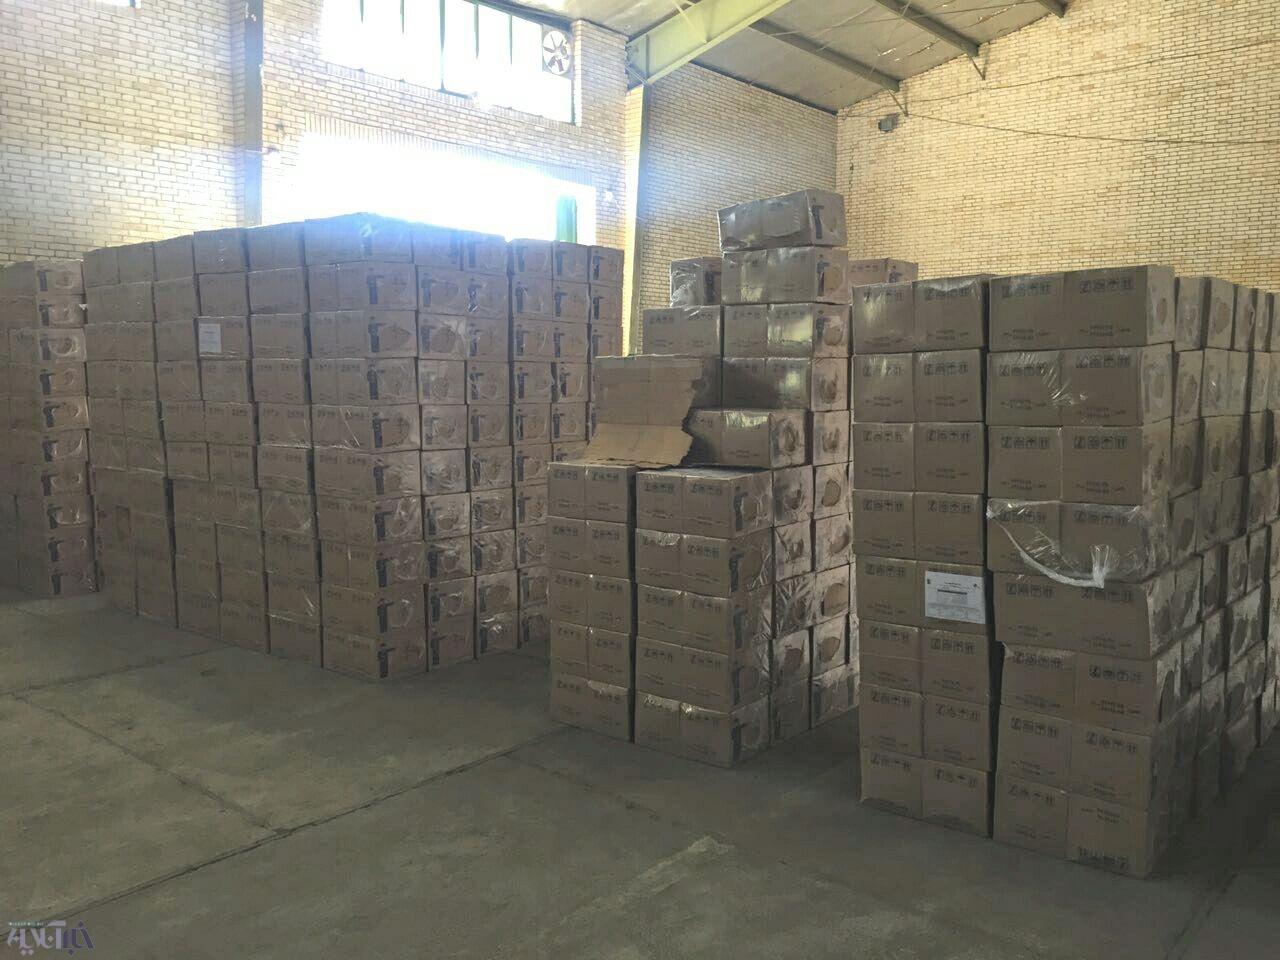 توزیع یک میلیارد تومان کتاب کمک درسی میان دانش آموزان محروم سیستان و بلوچستان